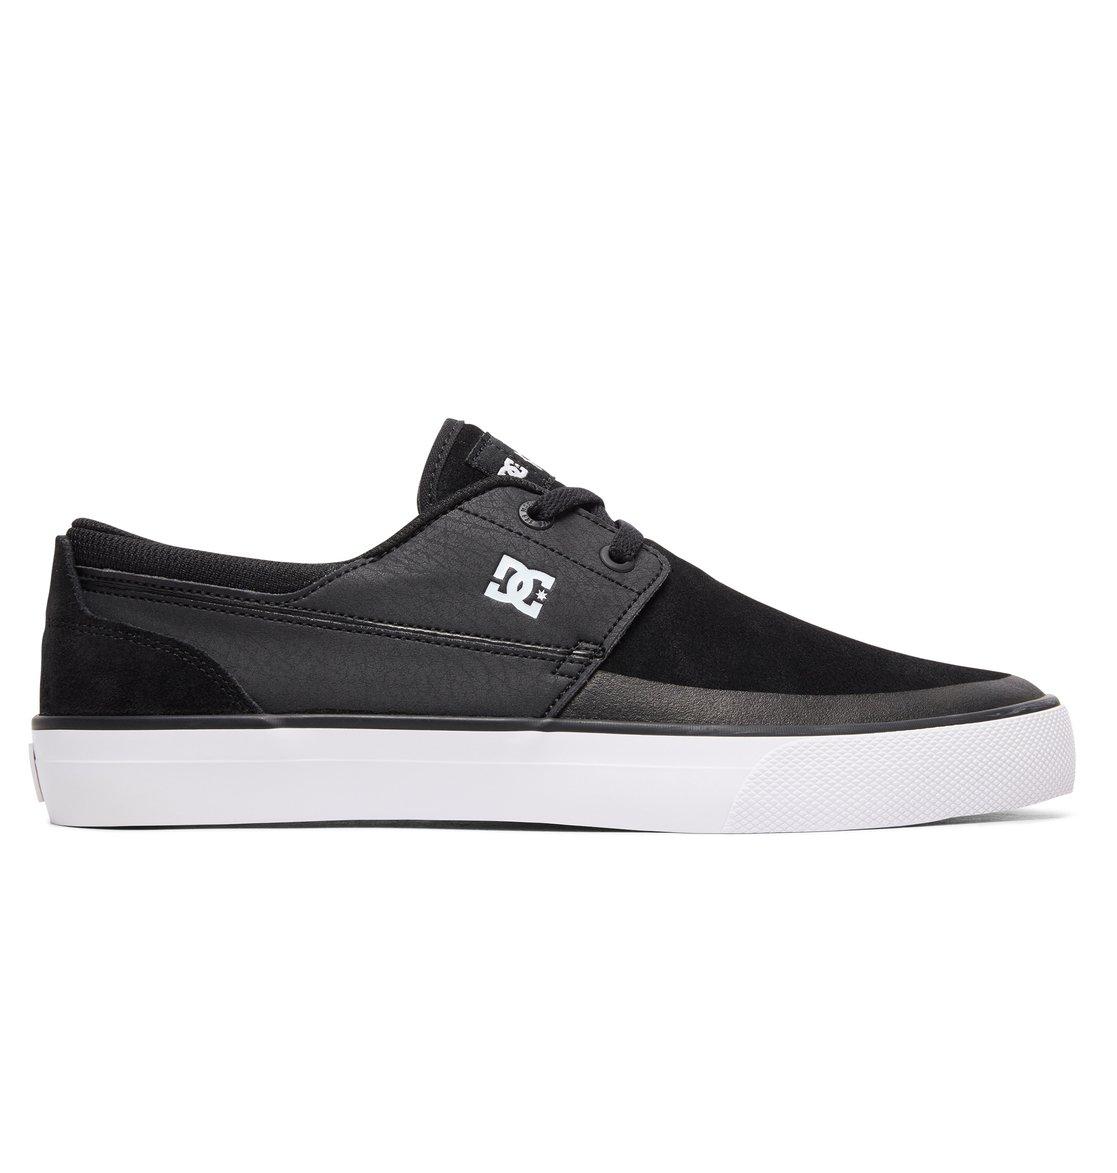 2 Kremer da Shoes S ADYS300241 DC da skate Wes Uomo Scarpe a7wPHnHBq